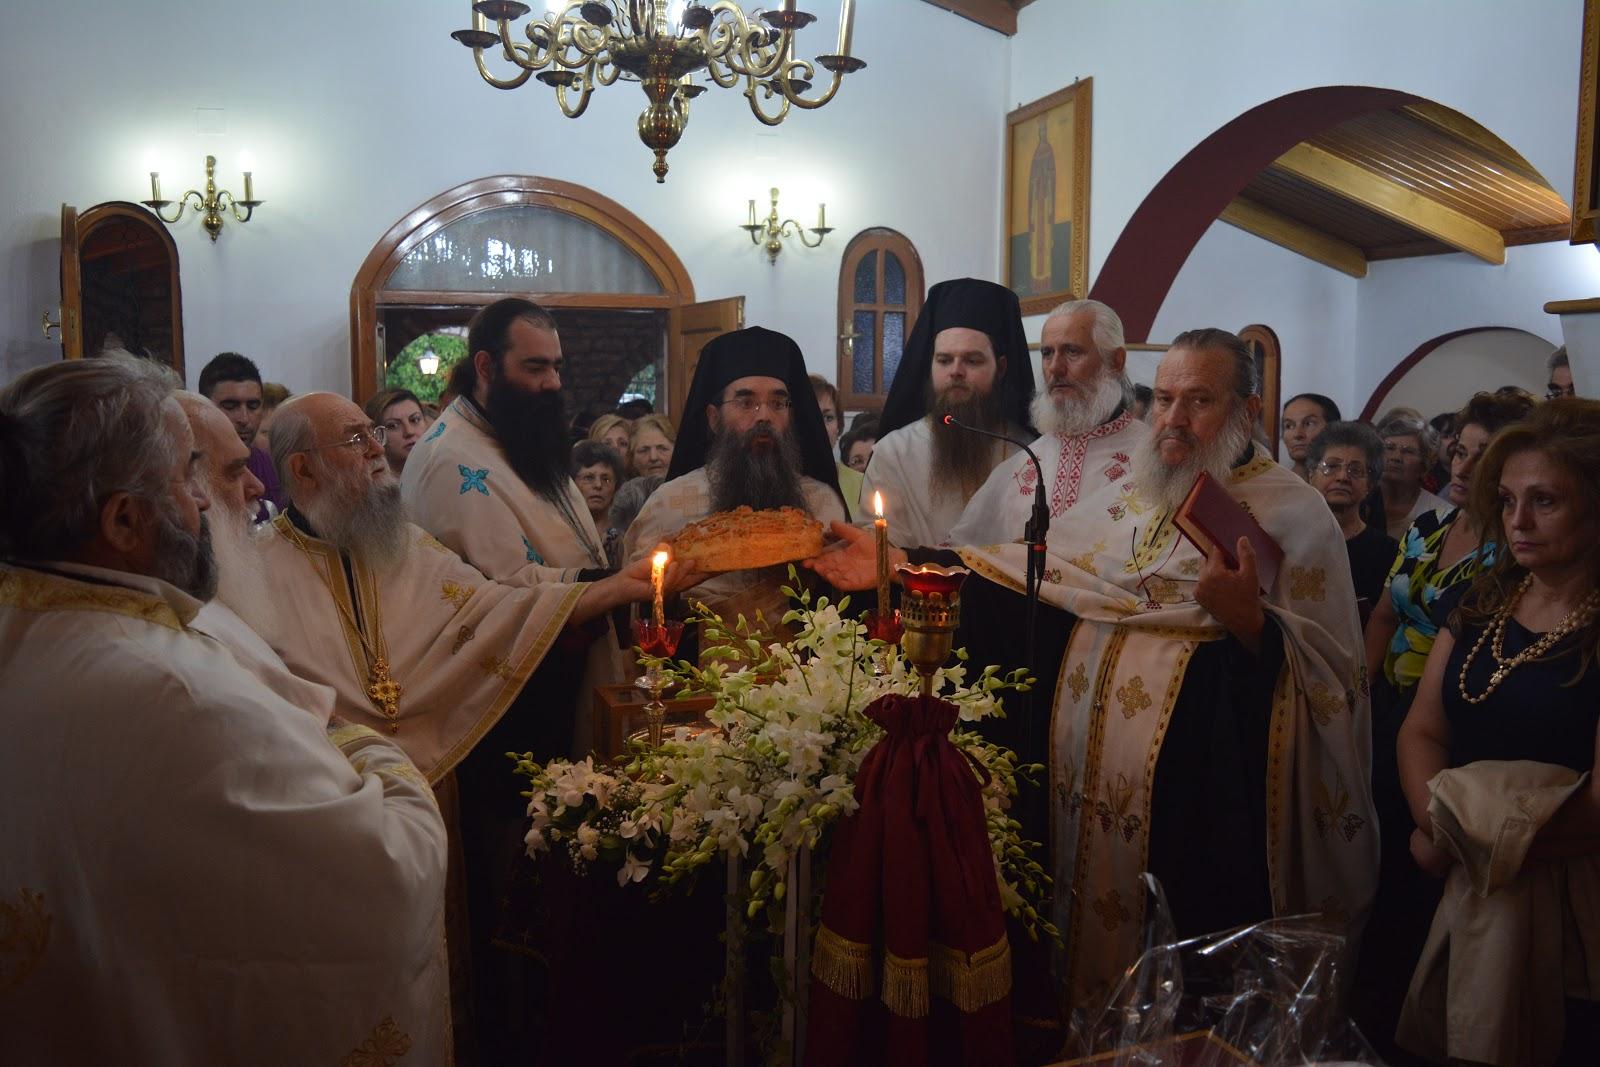 O Πανηγυρικός εσπερινός στο Ησυχαστήριο του Αγίου Κυπριανού και Ιουστίνης στο Παναιτώλιο